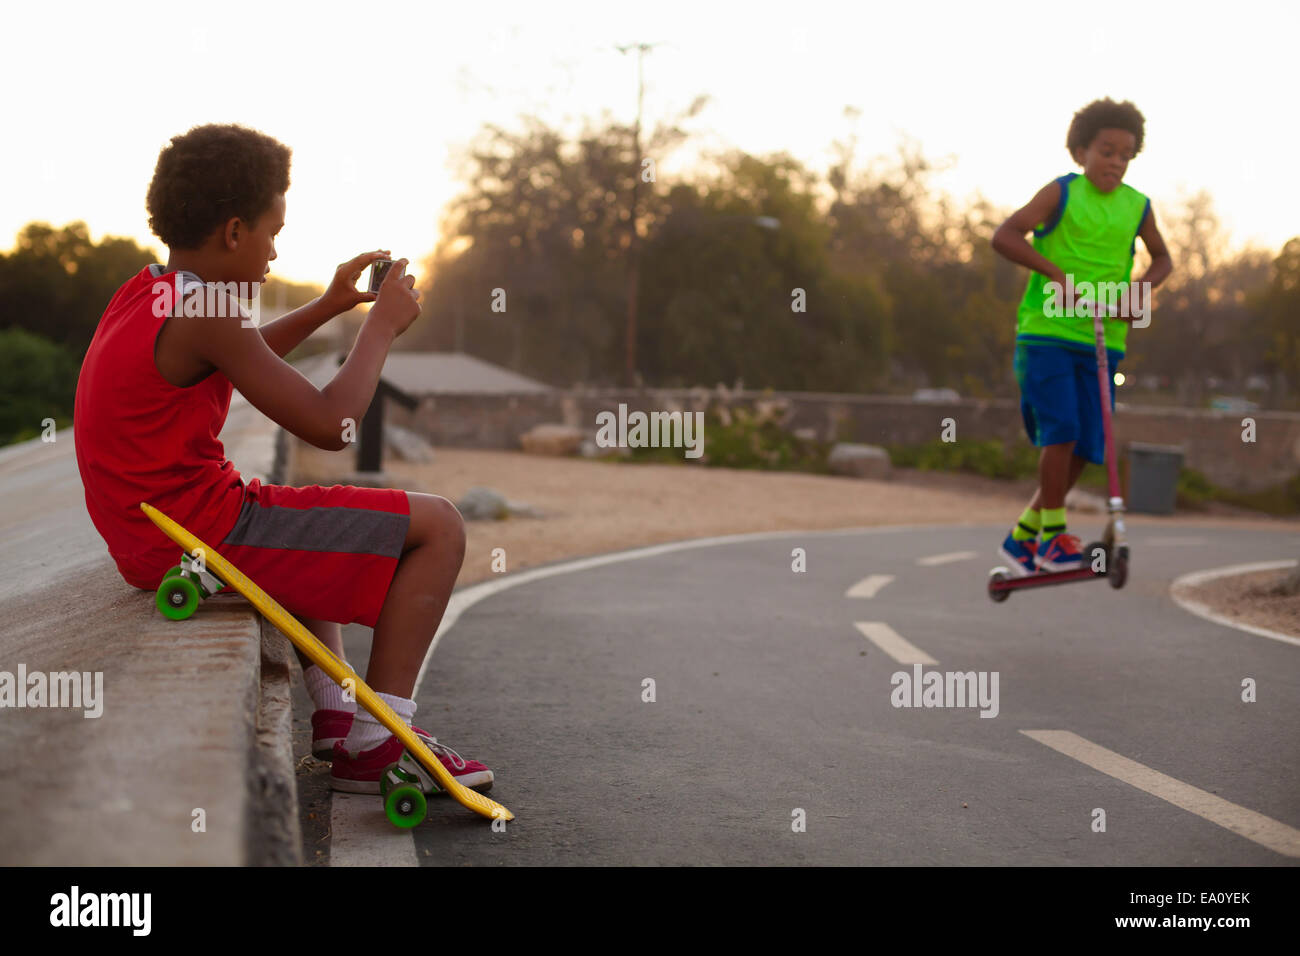 Garçon photographiant frère faisant pousser scooter jump sur route Photo Stock